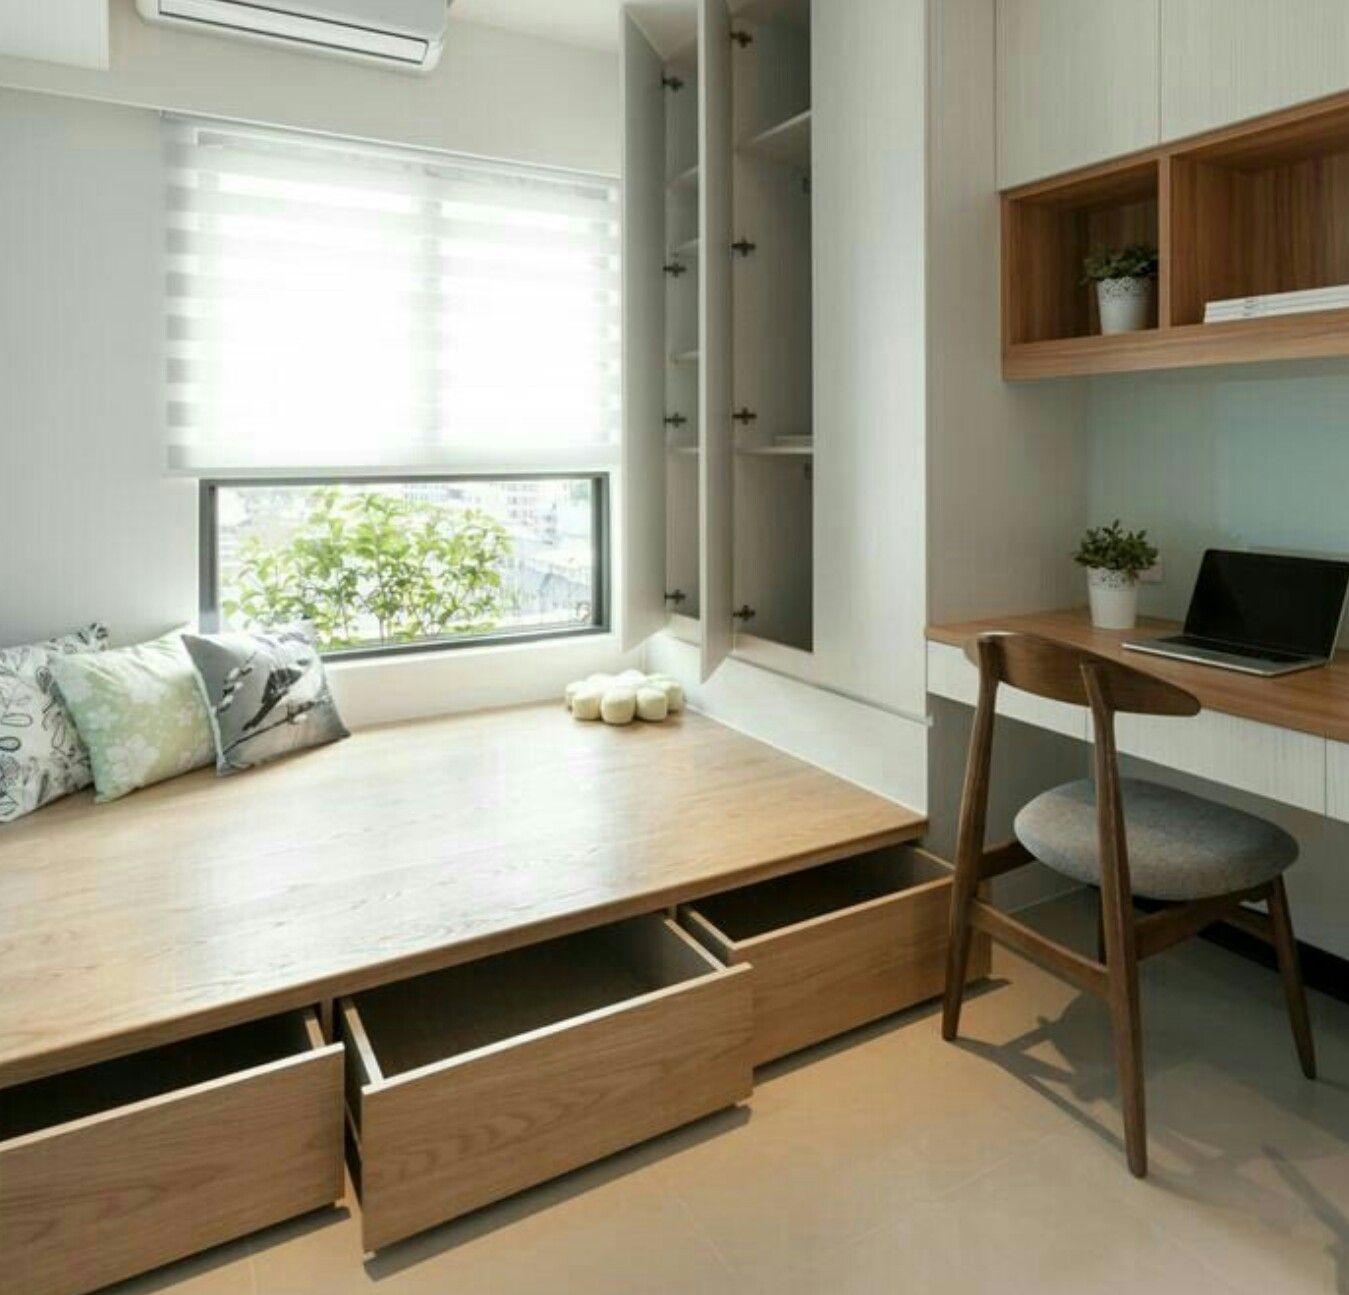 AuBergewohnlich Einzimmerwohnung, Wohnung Möbel, Kleine Wohnung,  Schlafzimmer, Kinderzimmer, Architektur, Schlafzimmer